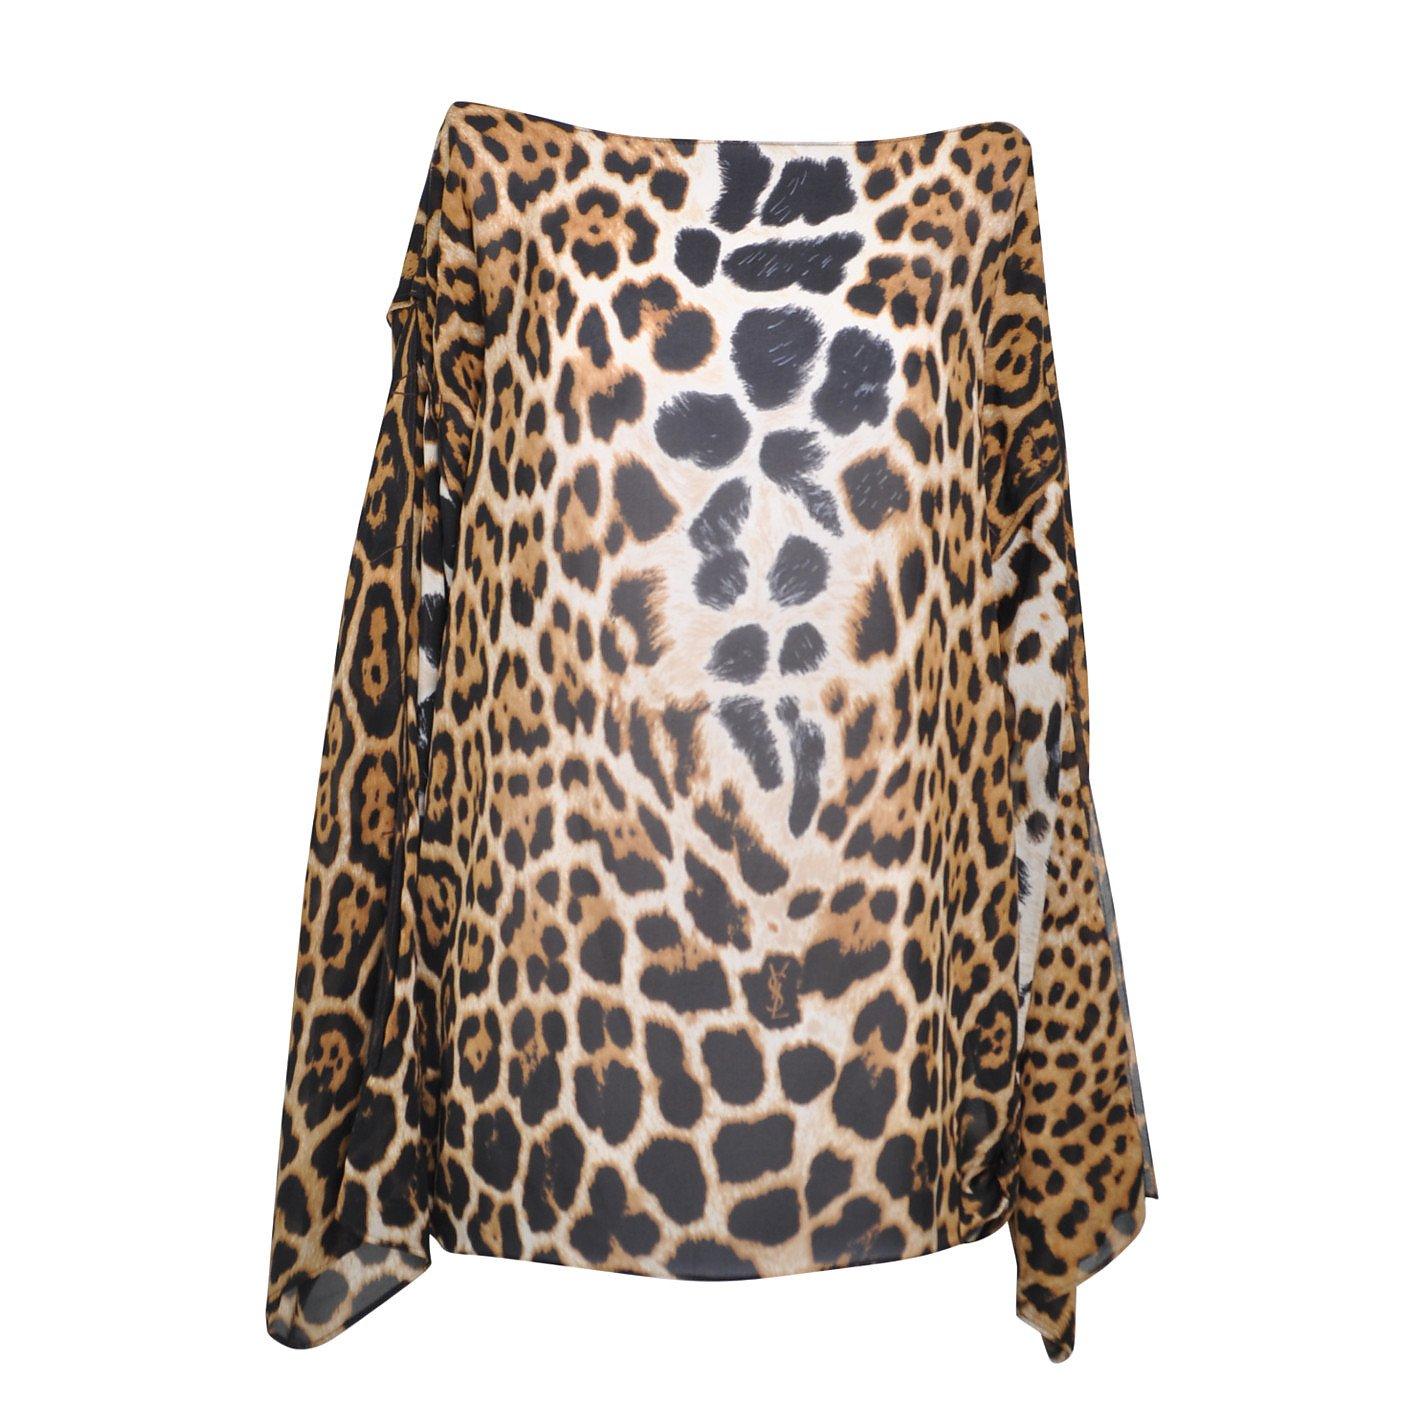 Yves Saint Laurent Leopard Print Chiffon Blouse